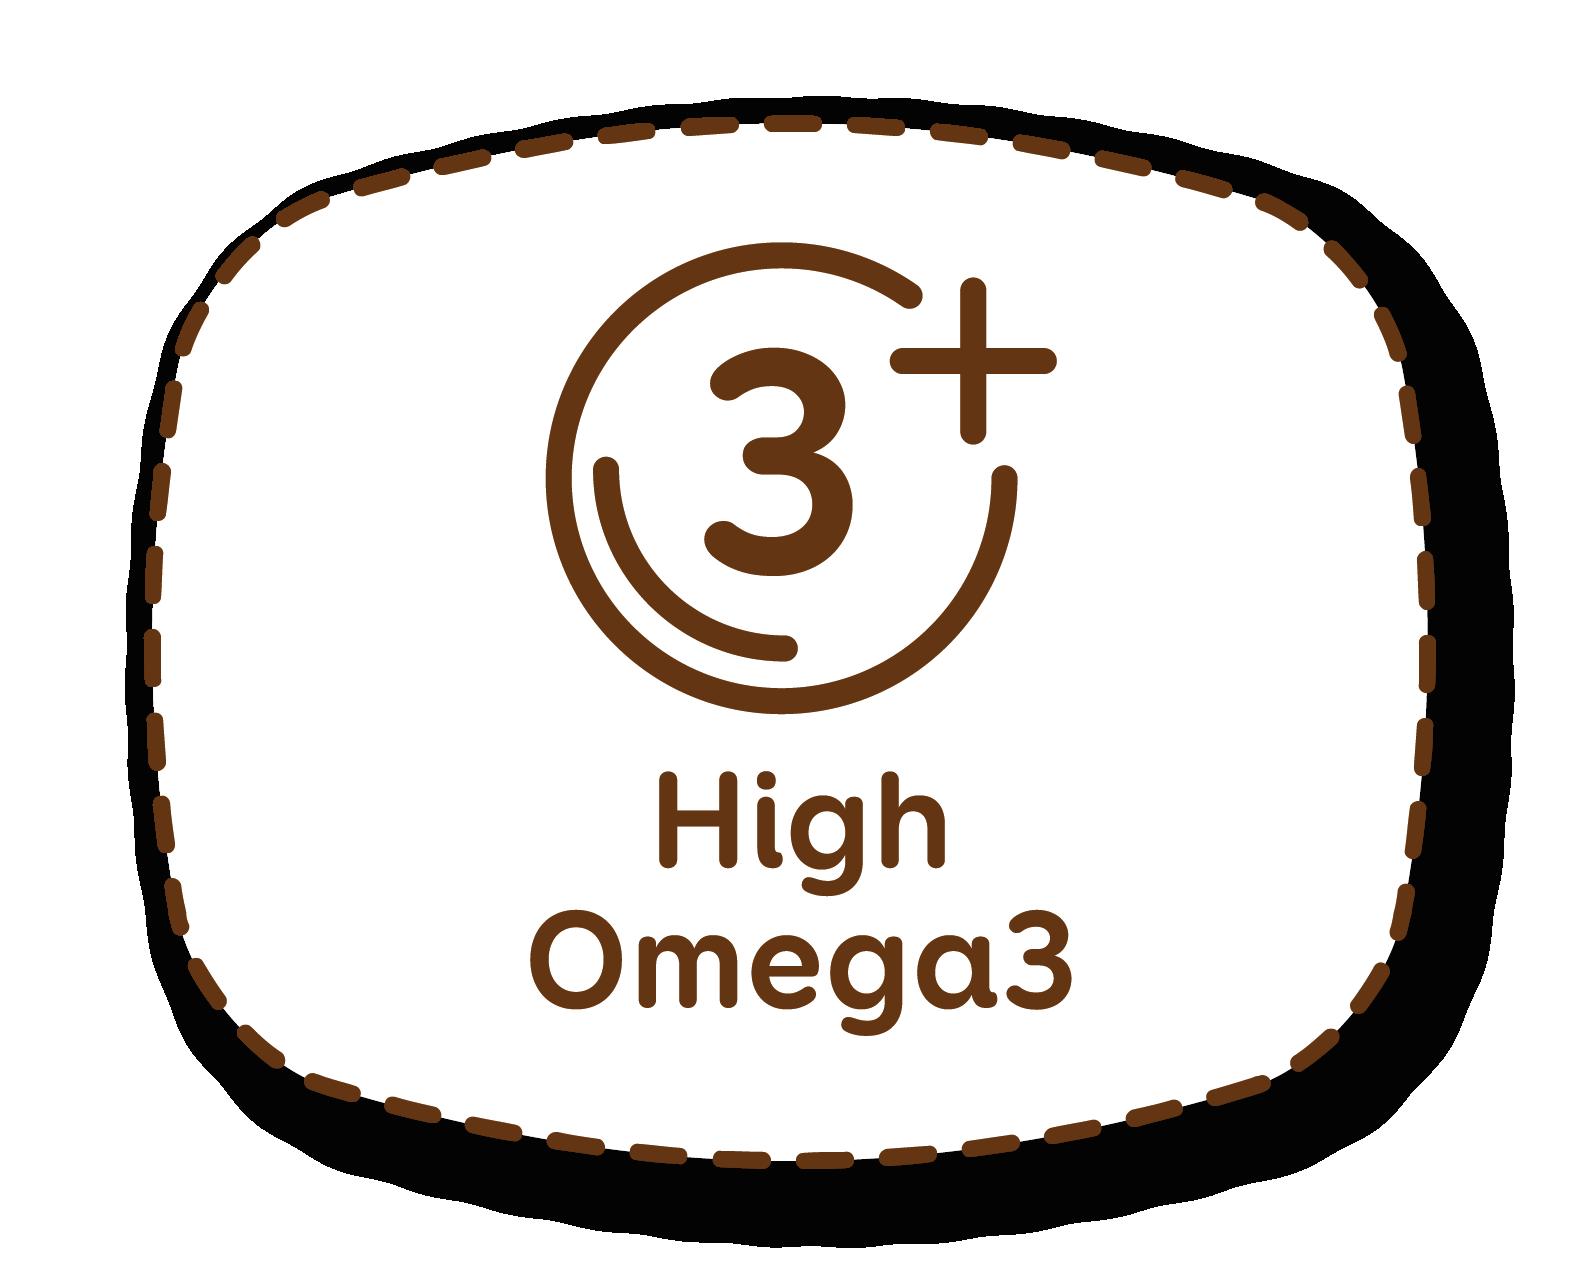 Alto omega3